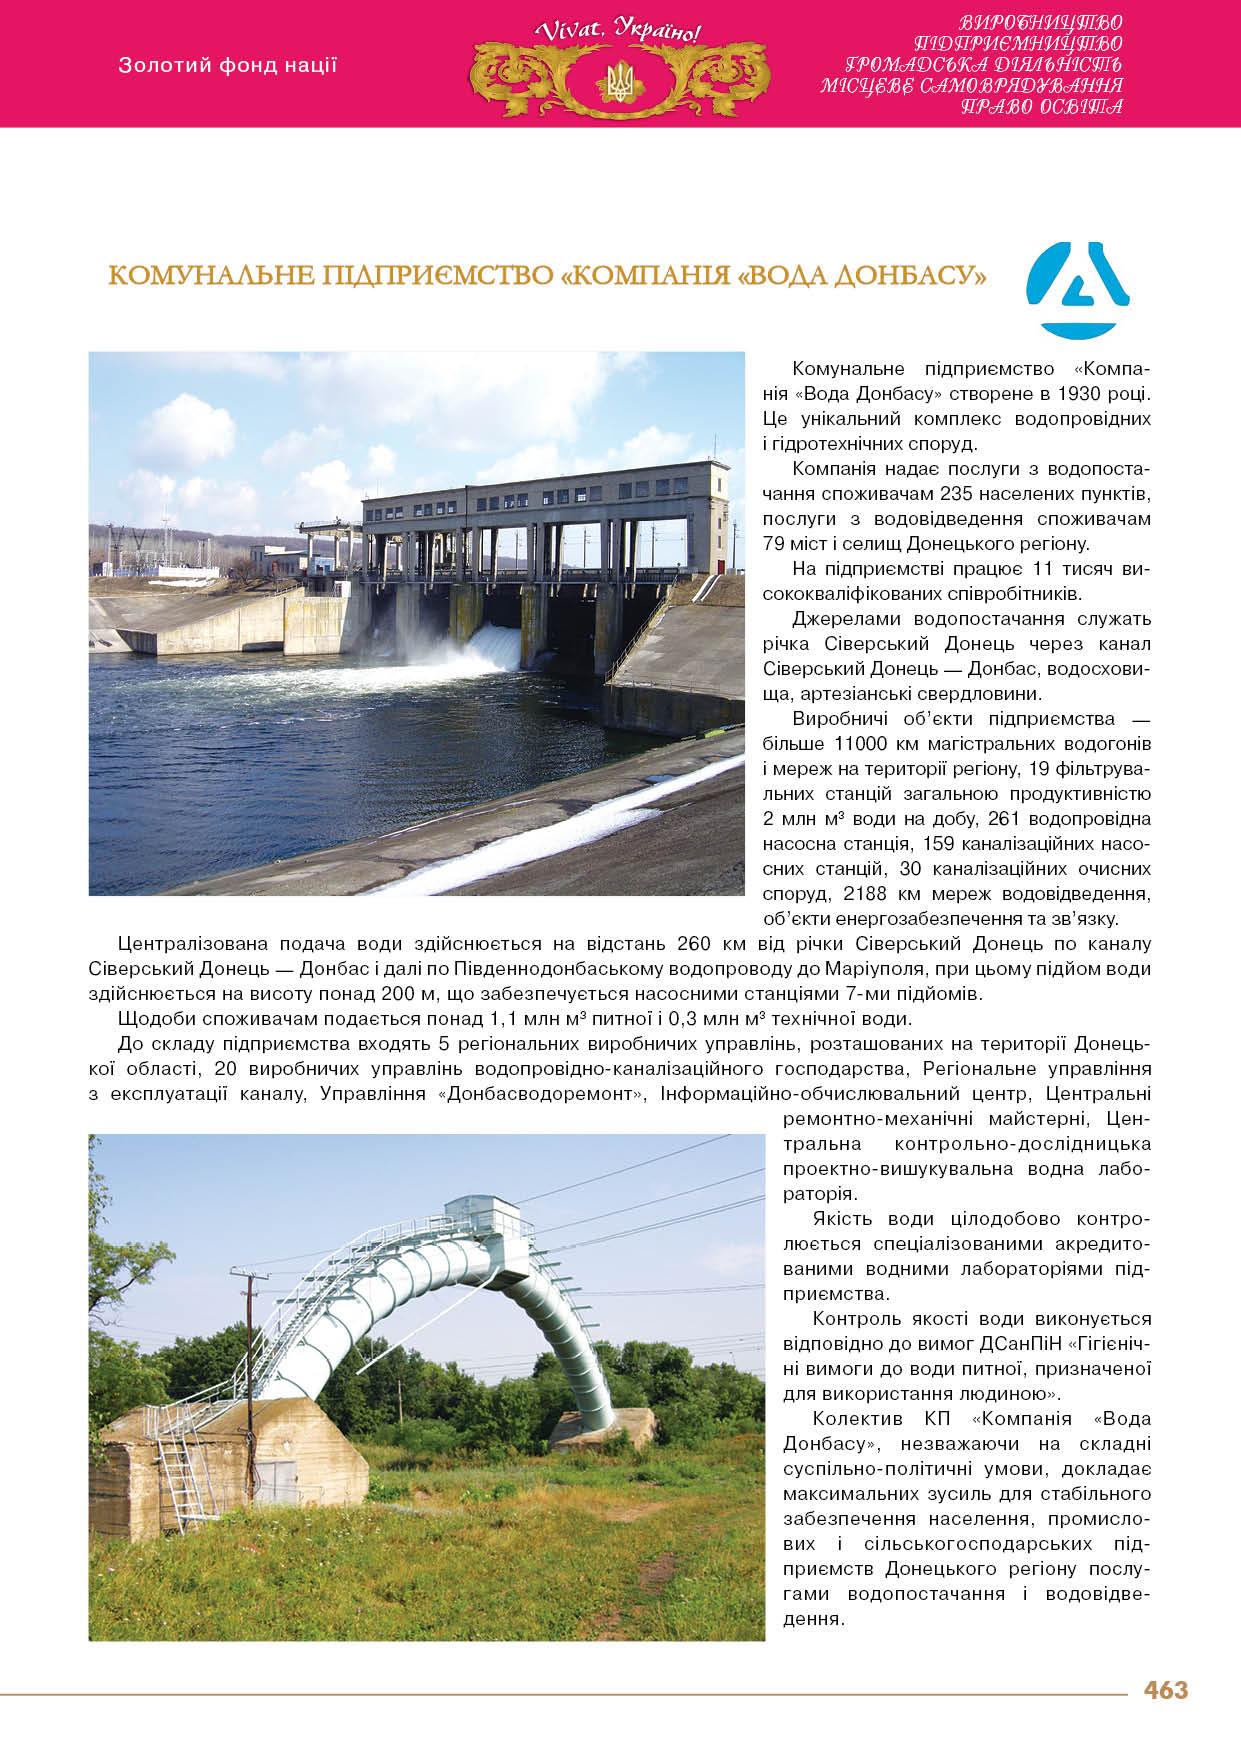 Комунальне підприємство «Компанія «Вода Донбасу»